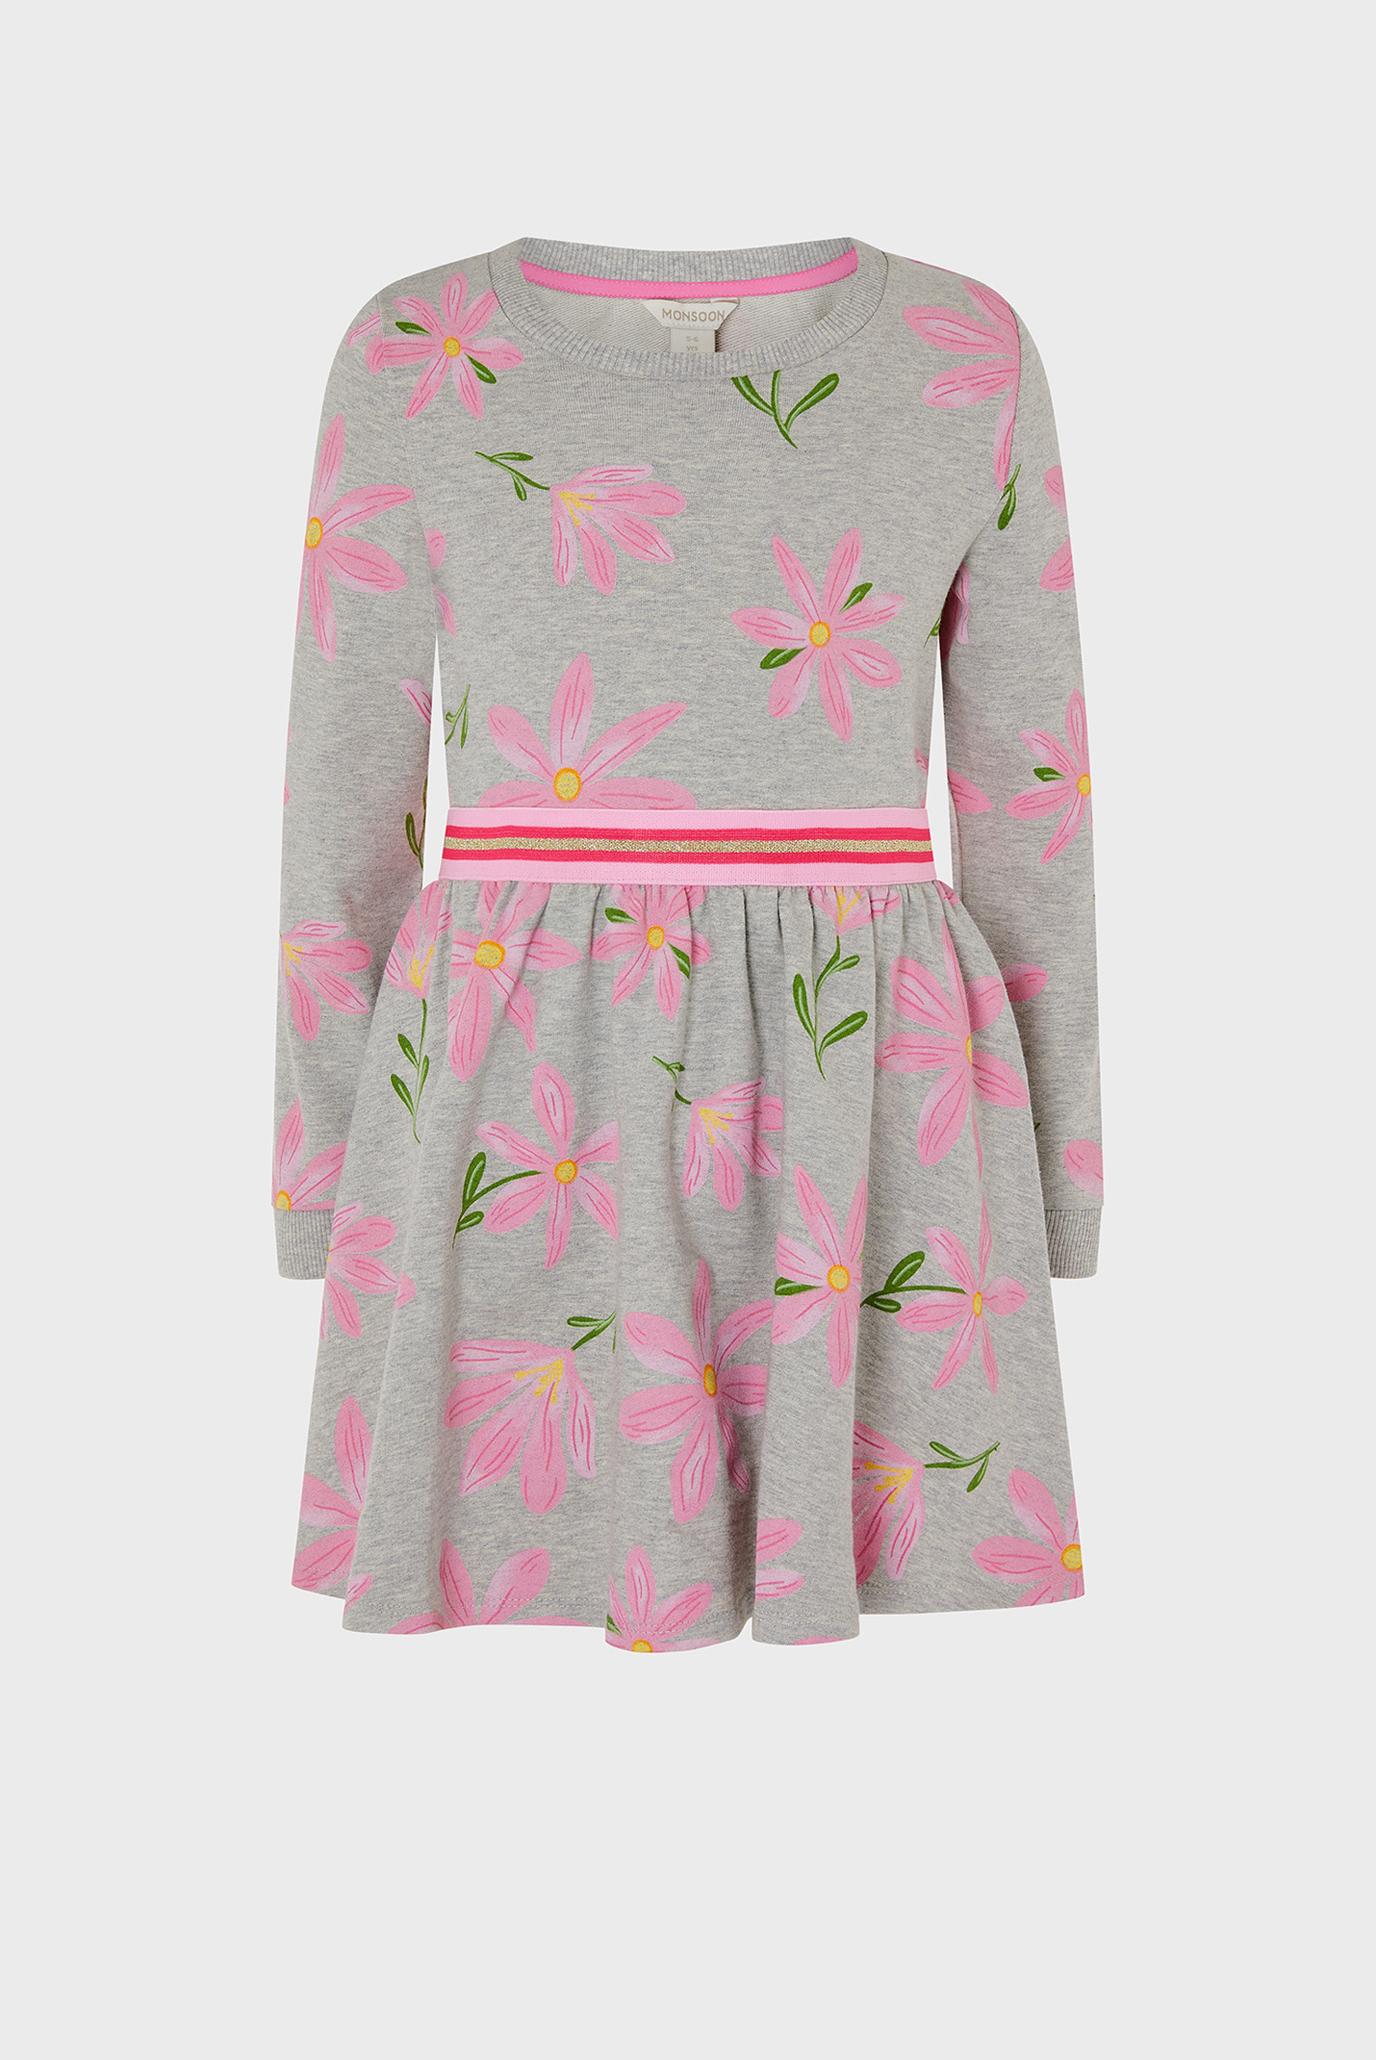 Детский серый комплект одежды (свитшот, юбка) FLORAL SWEAT TOP AND 1